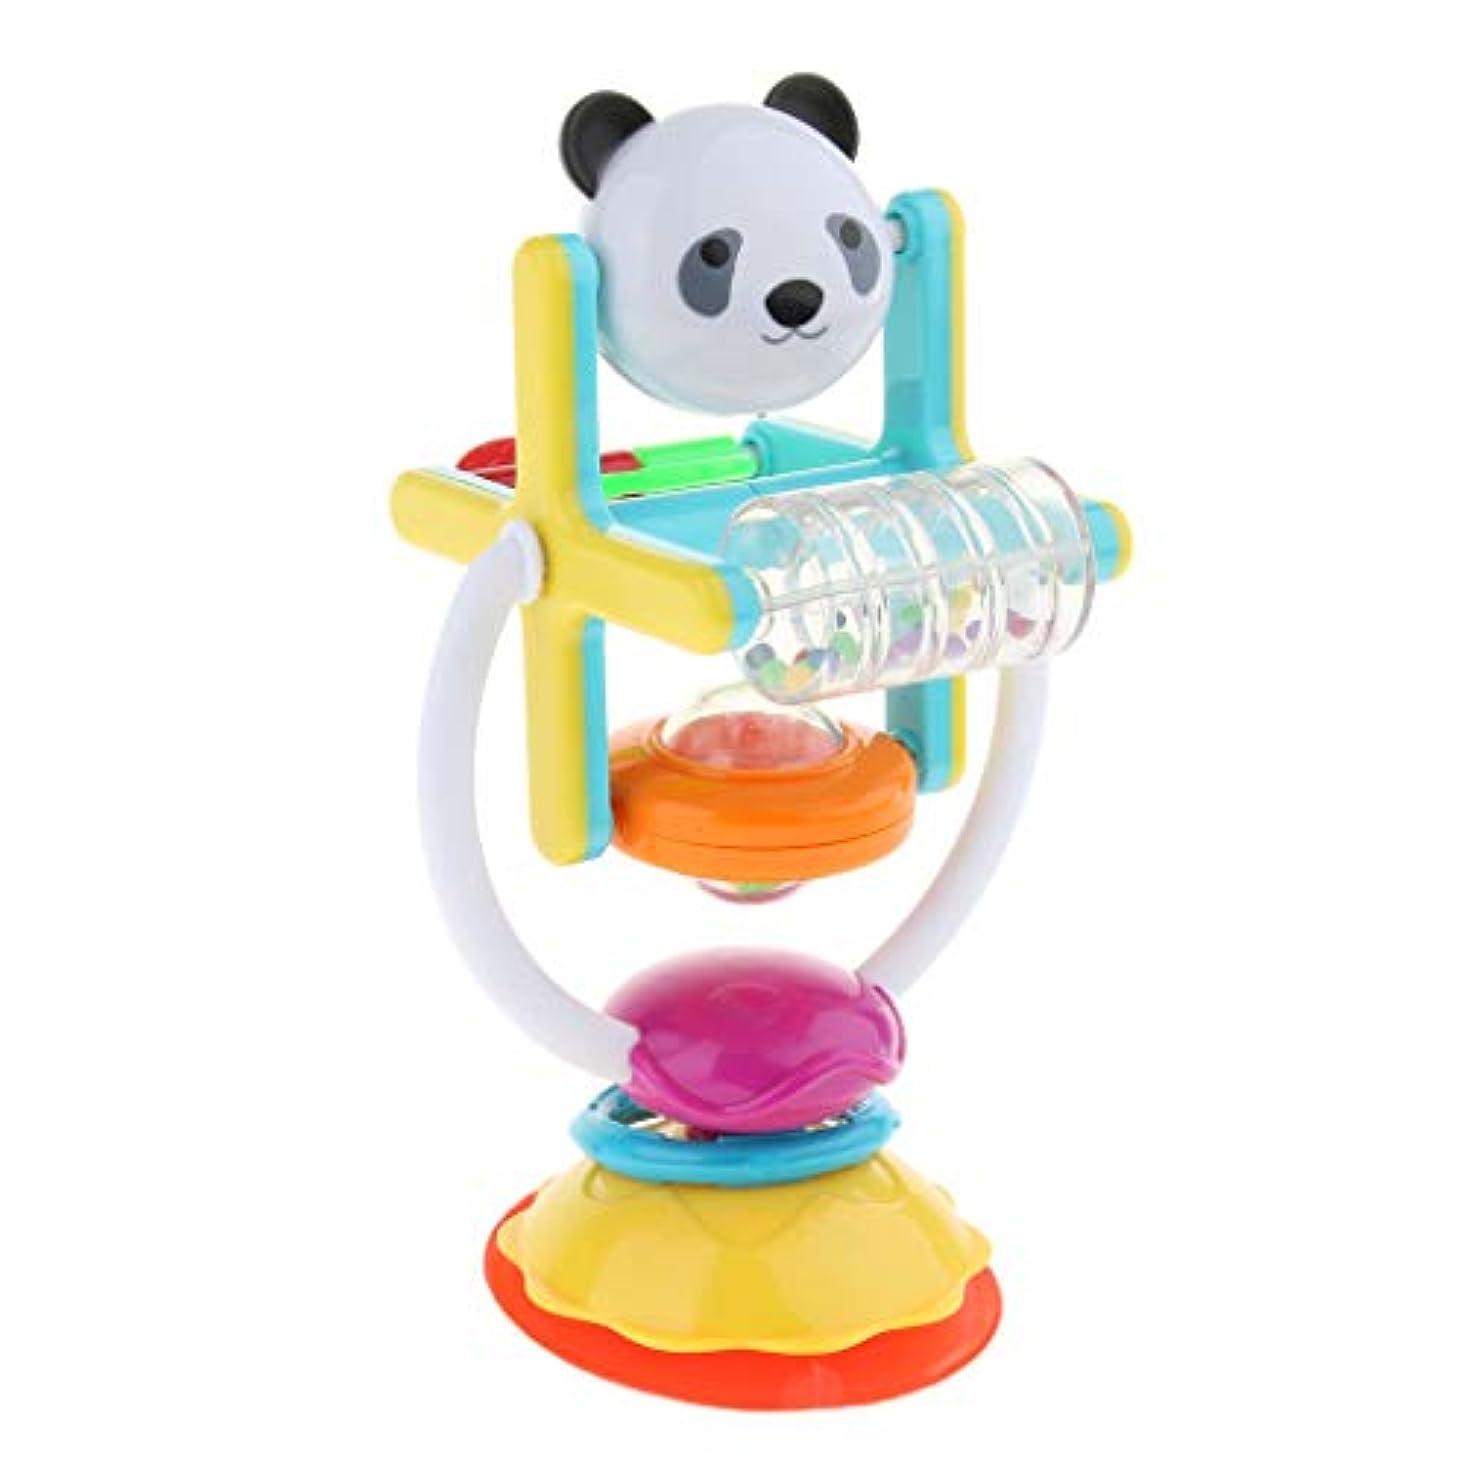 日食マーケティング倫理的sharprepublic プラスチック ガラガラおもちゃ ラトルおもちゃ ベビーおもちゃ 回転風車の形 カラフル 子供 ギフト